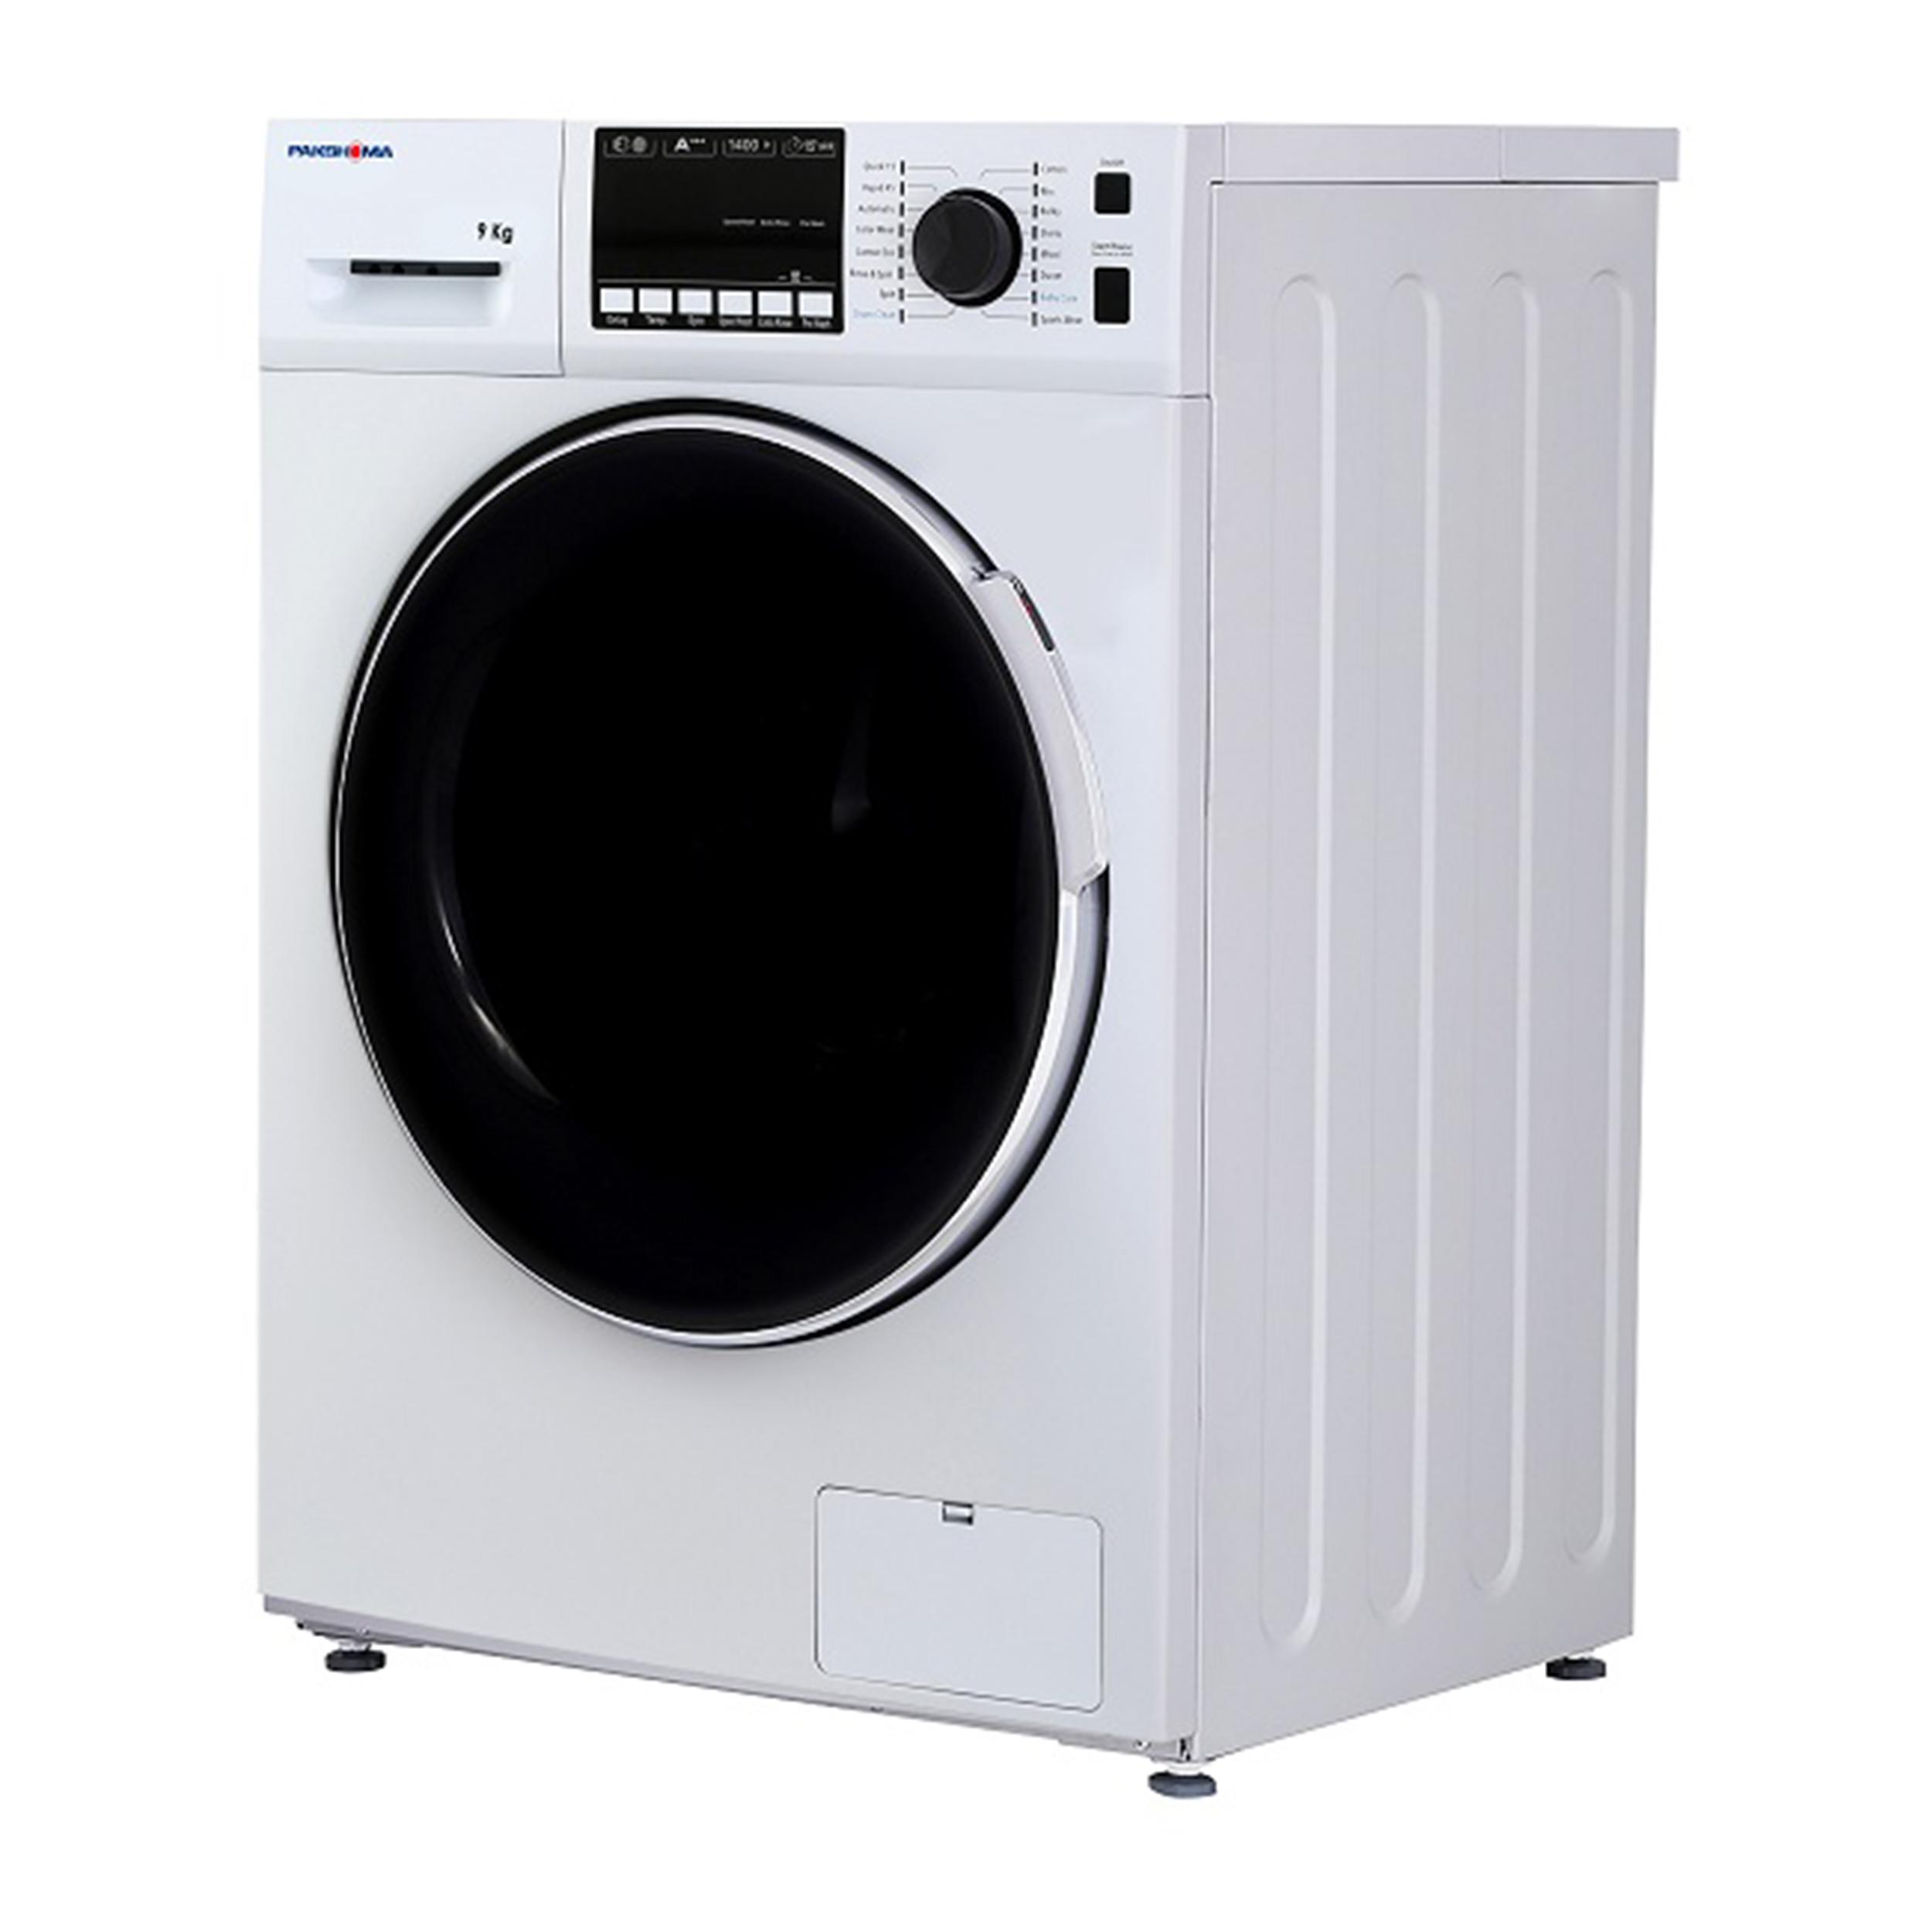 ماشین لباسشویی پاکشوما مدل TFU-94407 ظرفیت 9 کیلوگرم main 1 1